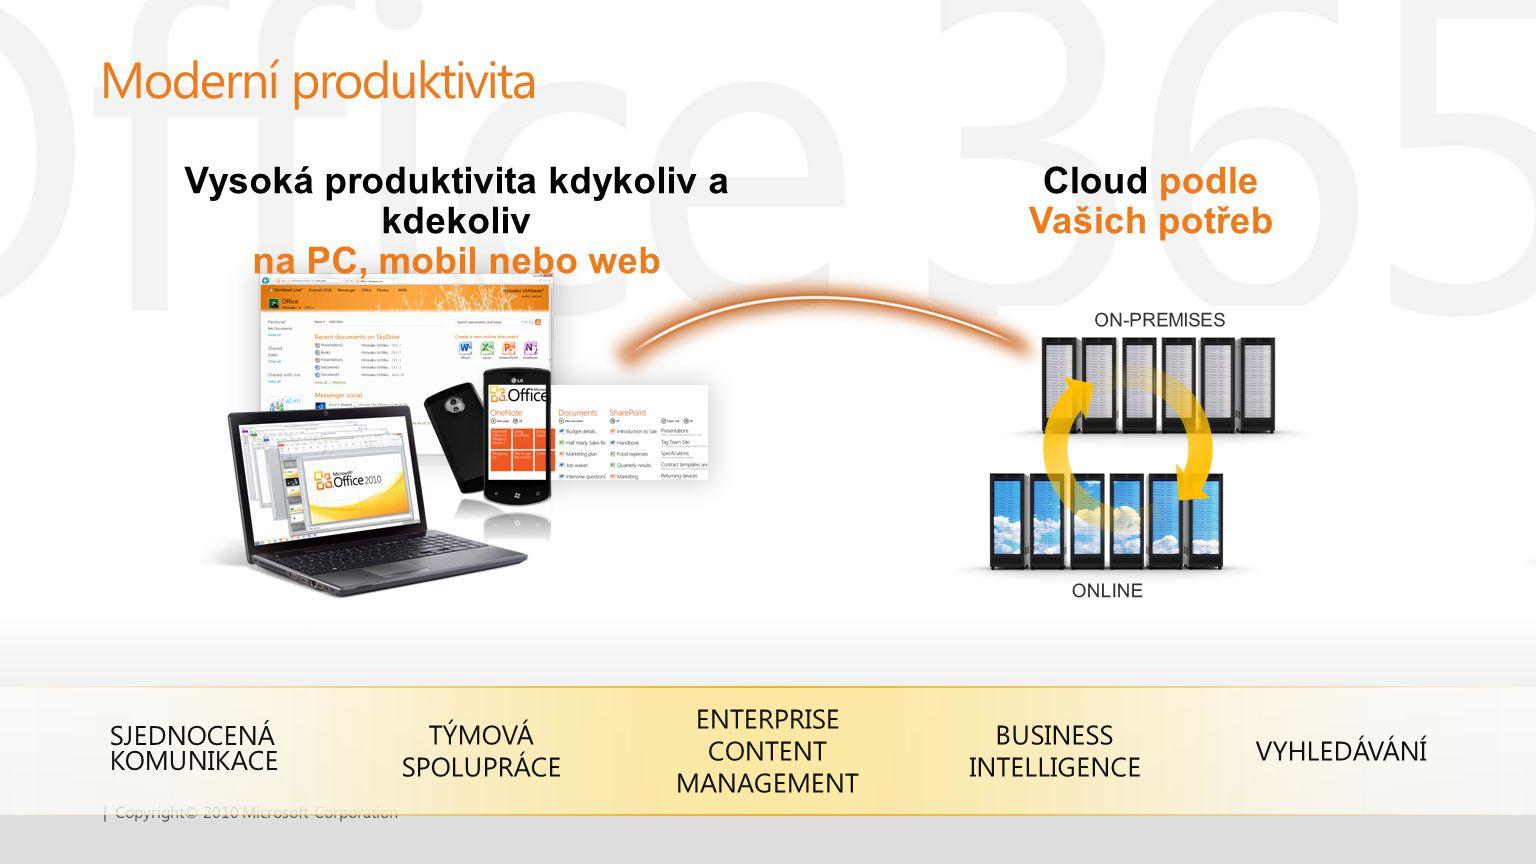 SJEDNOCENÁ KOMUNIKACE TÝMOVÁ SPOLUPRÁCE ENTERPRISE CONTENT MANAGEMENT VYHLEDÁVÁNÍ Vysoká produktivita kdykoliv a kdekoliv na PC, mobil nebo web Cloud